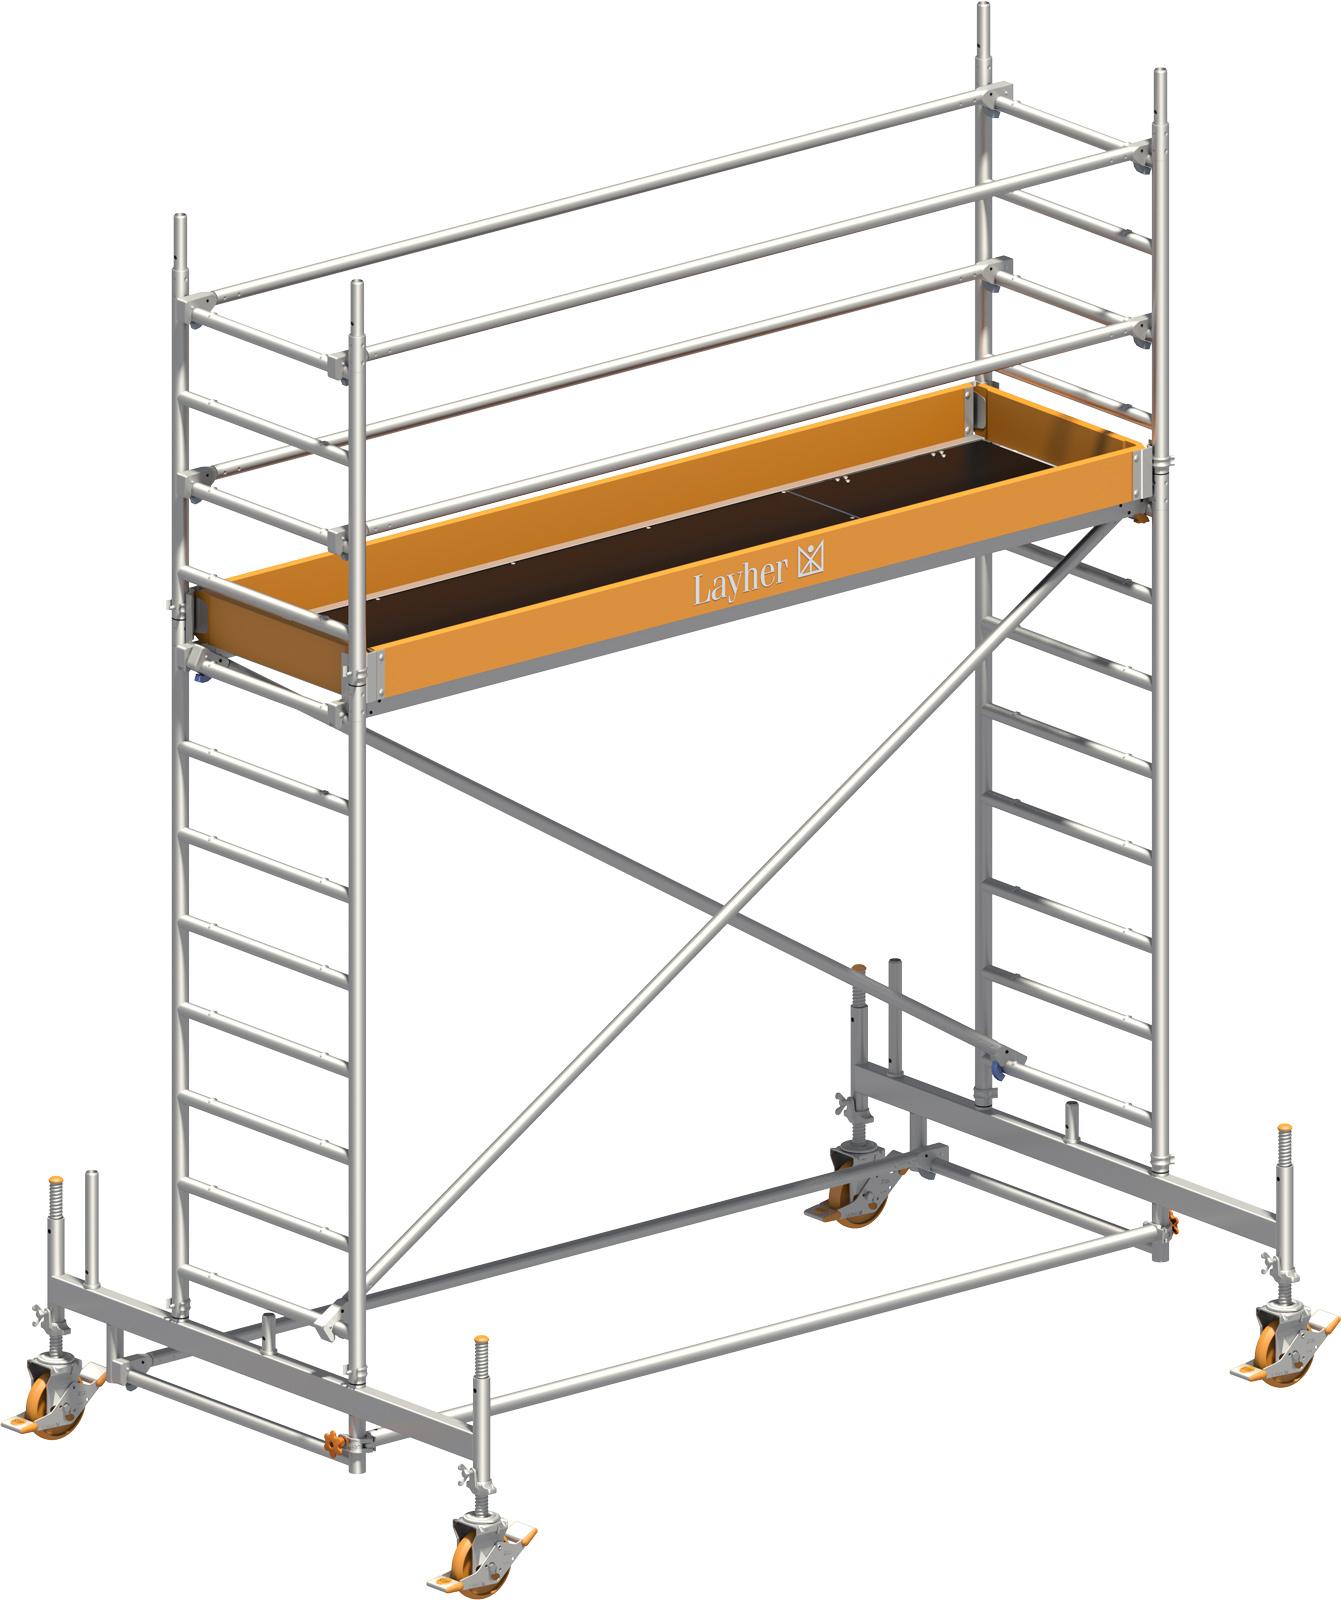 Fahrgerüst Layher Uni Standard 1102 mit Geländer-Optimierung